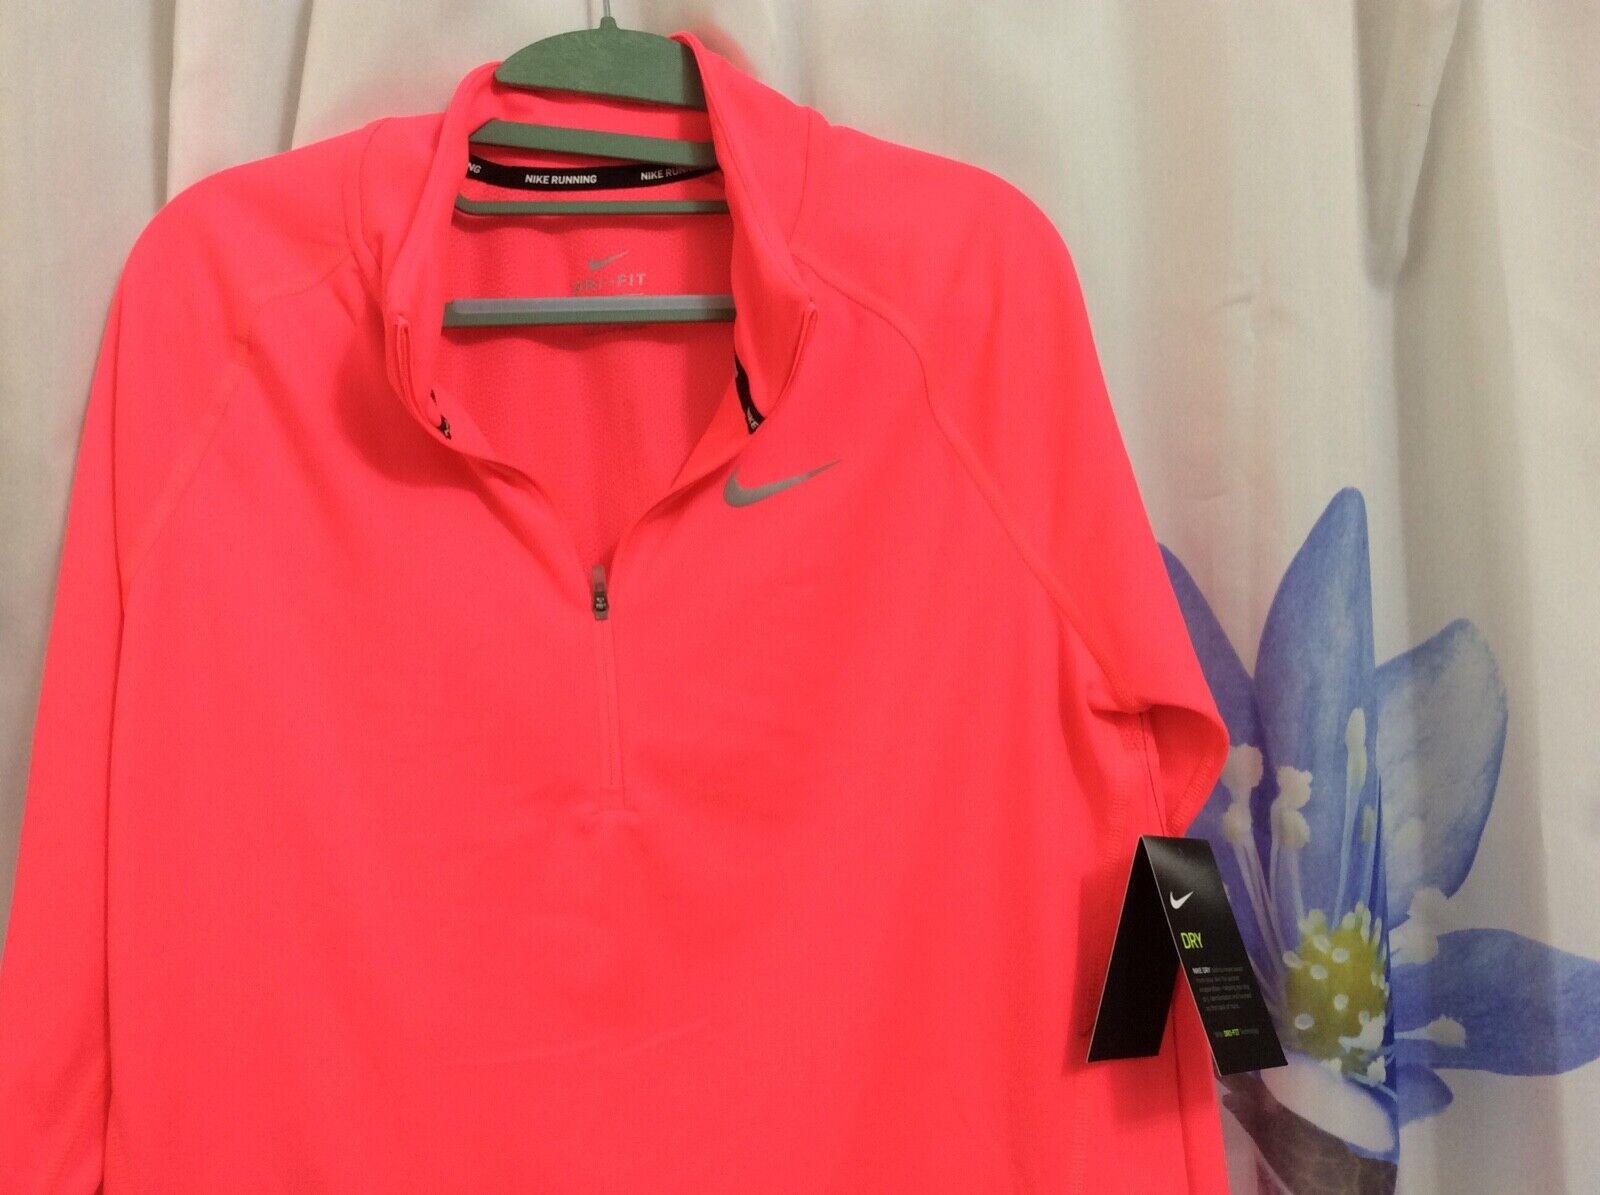 NWT NIKE Dri-FIT Women's Stay warm Running Shirt   bright OrangPink sz L